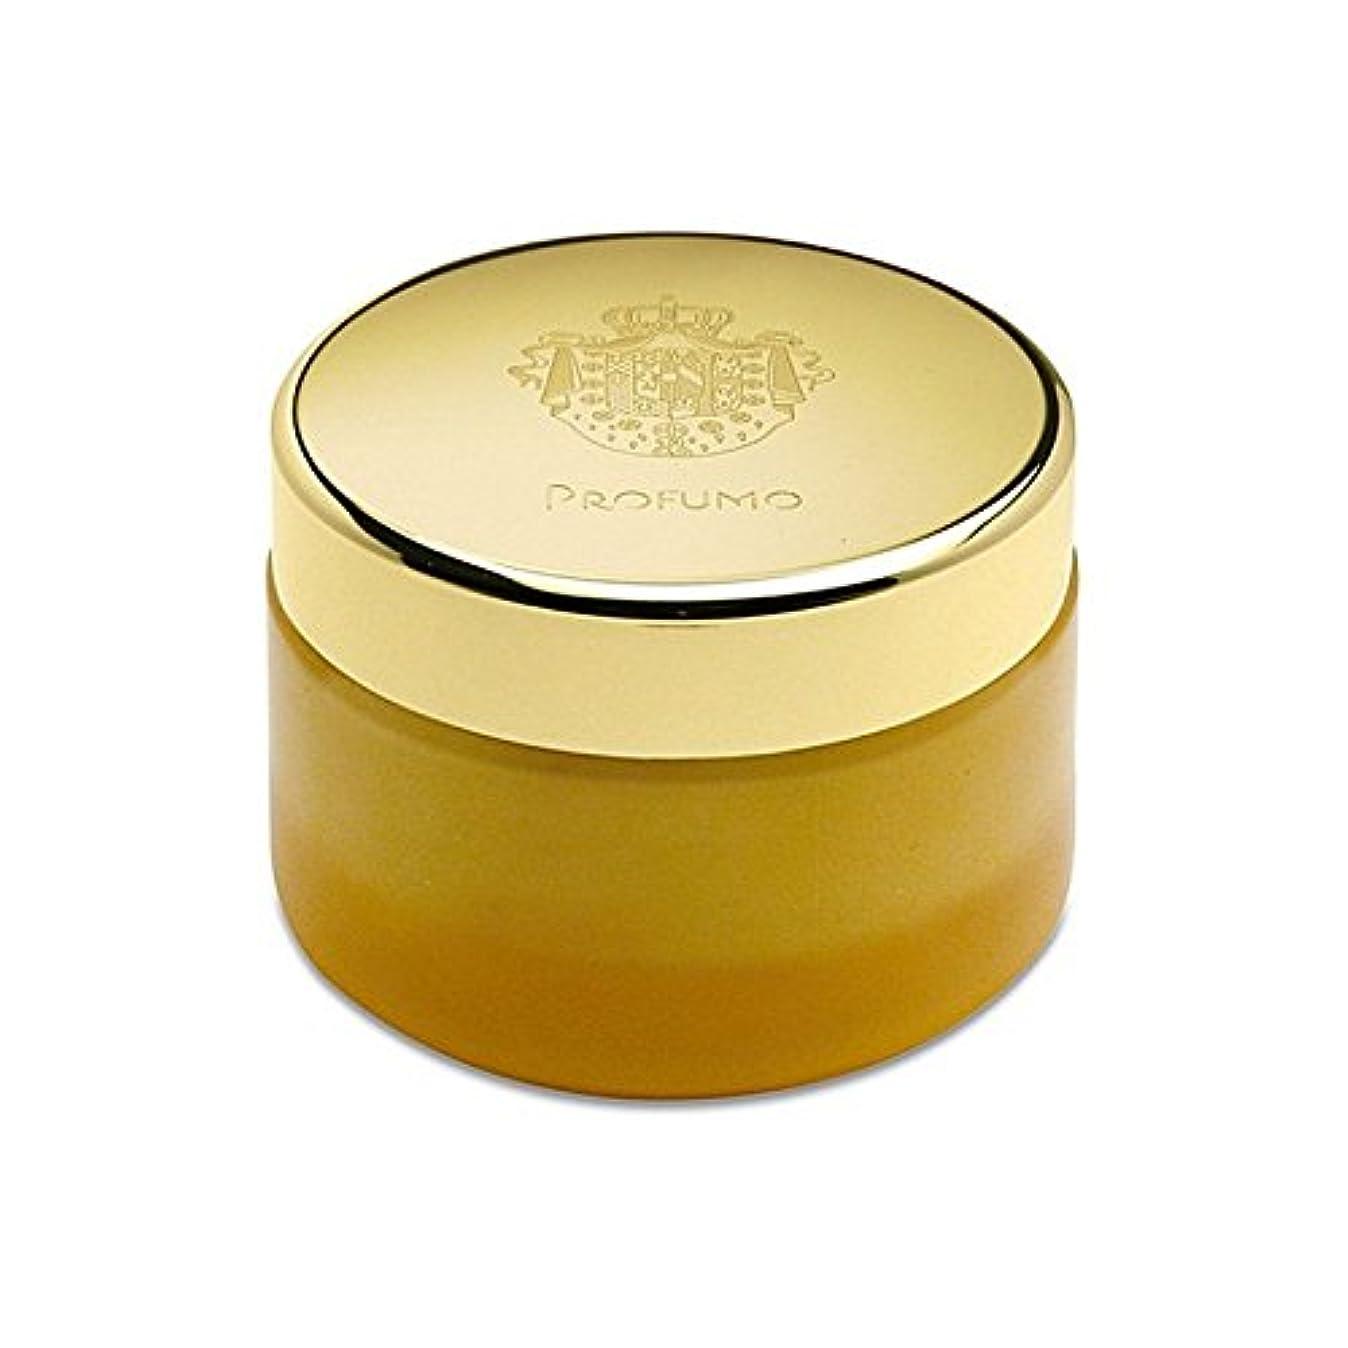 パドル金属指標アクアディパルマボディクリーム200ミリリットル x2 - Acqua Di Parma Profumo Body Cream 200ml (Pack of 2) [並行輸入品]